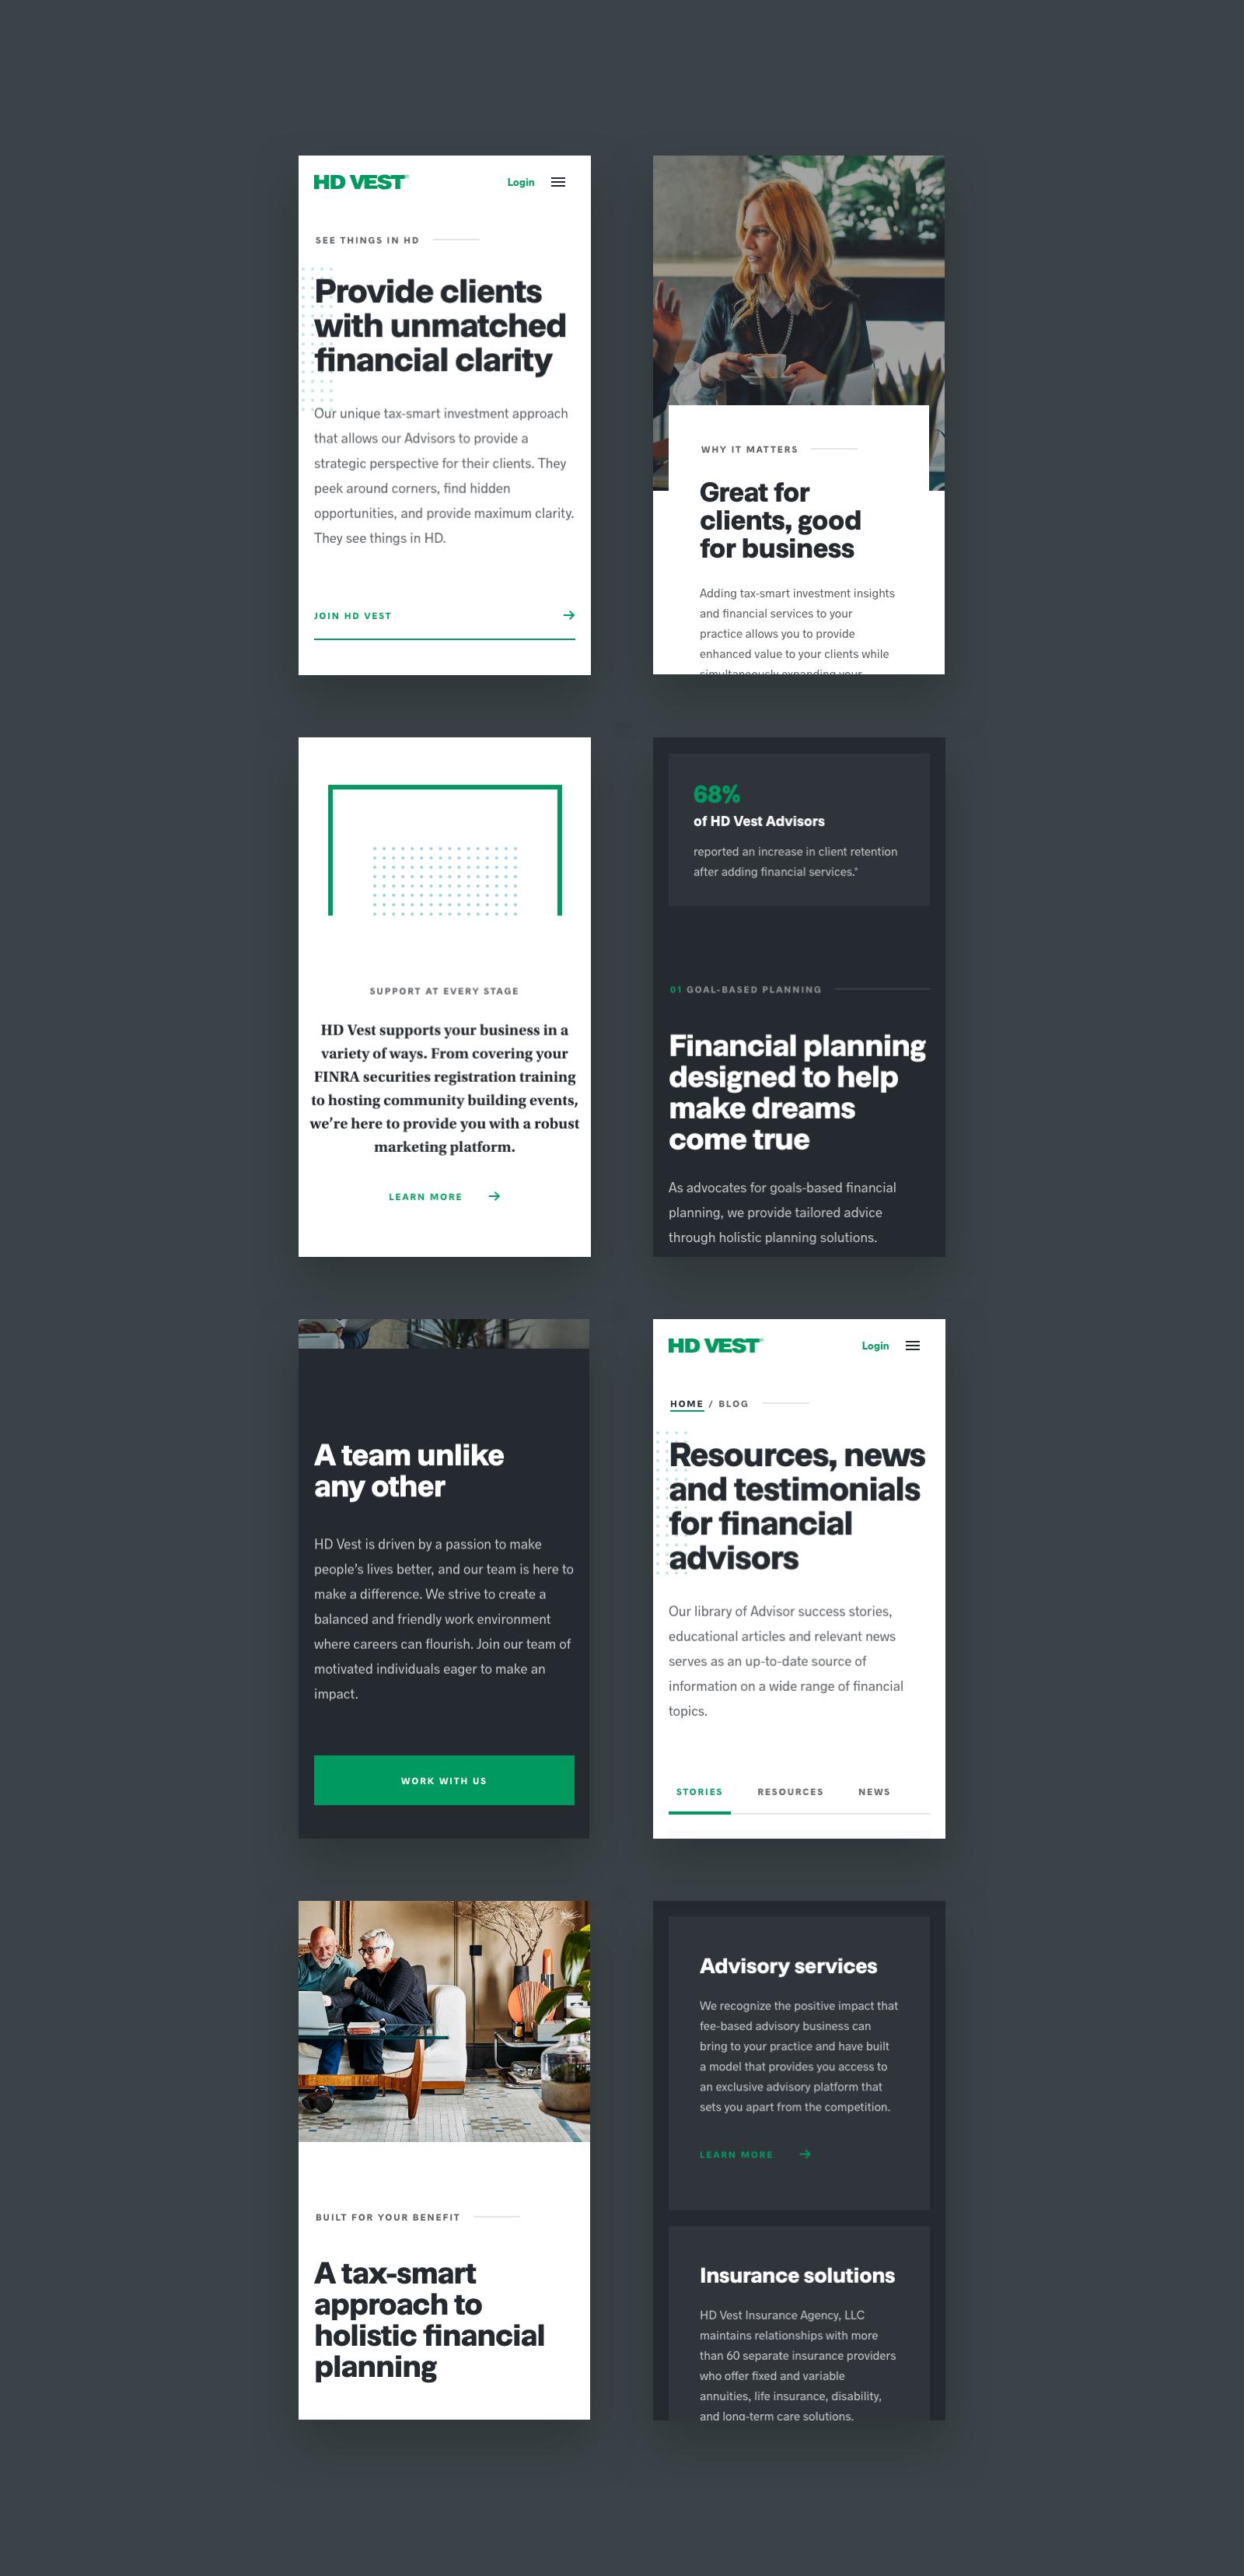 Hdv Mobile Screens Mobile Web Design Trends Mobile Web Design Mobile Website Design